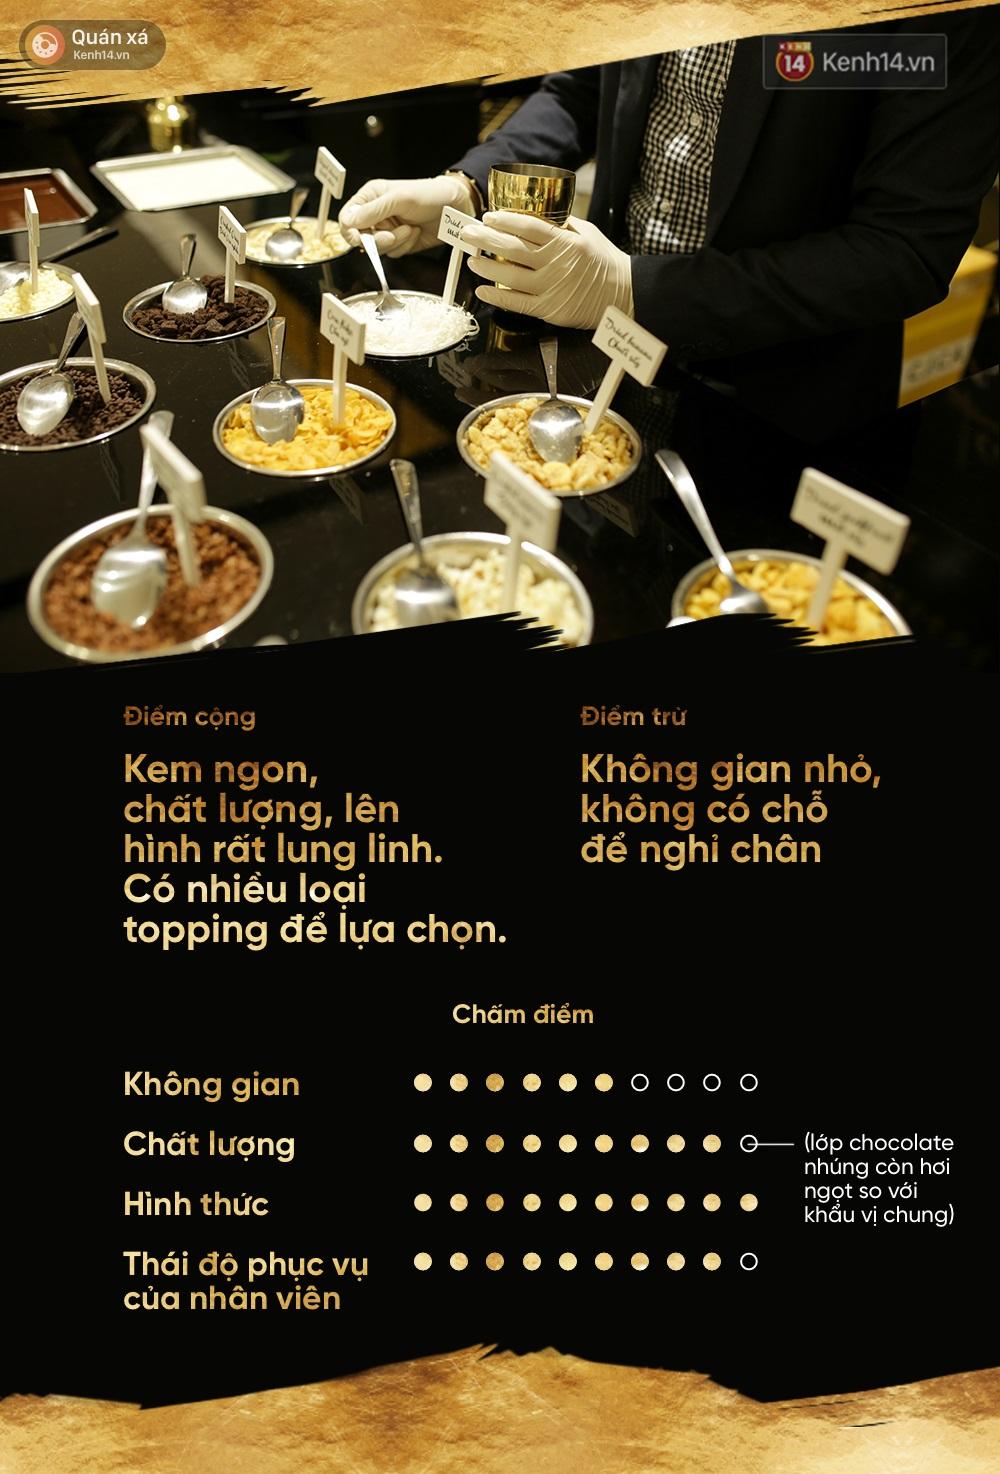 Kem vani, kem chocolate là xưa rồi, giờ người ta ăn kem với vàng 24k và mì tôm, ớt bột cơ! - Ảnh 16.